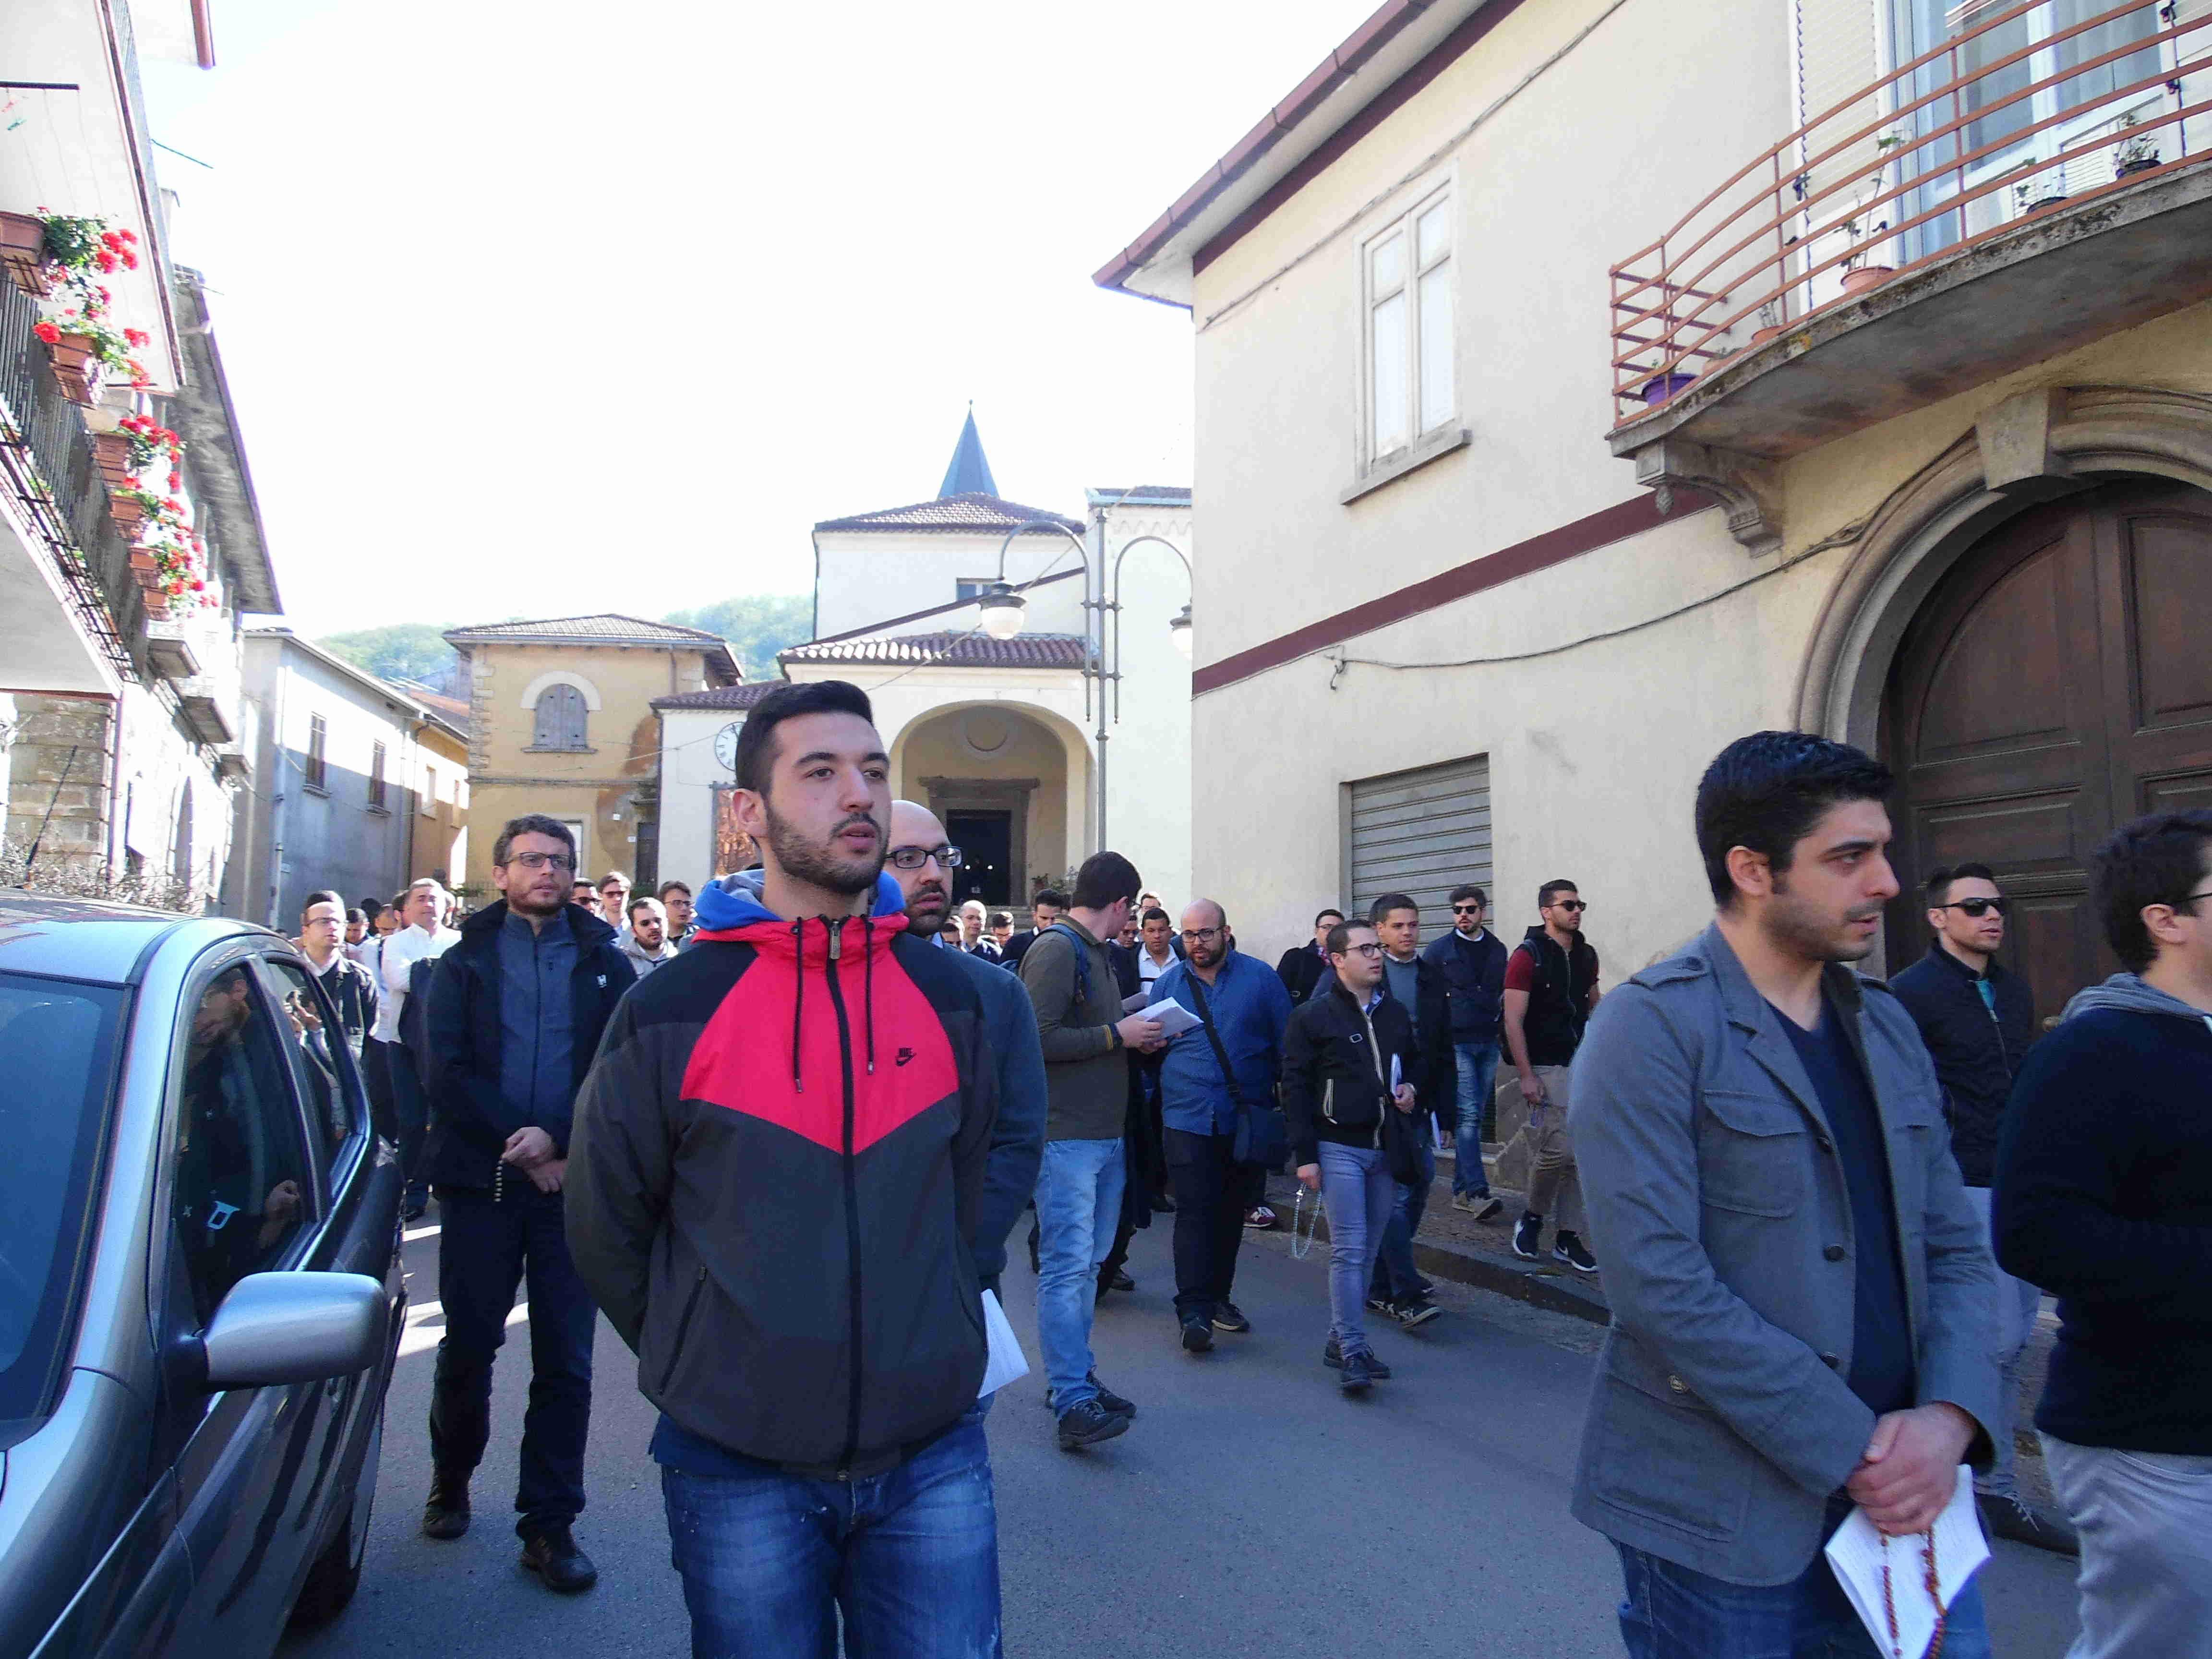 Pellegrinaggio Mariano 18-5-2018 (27)